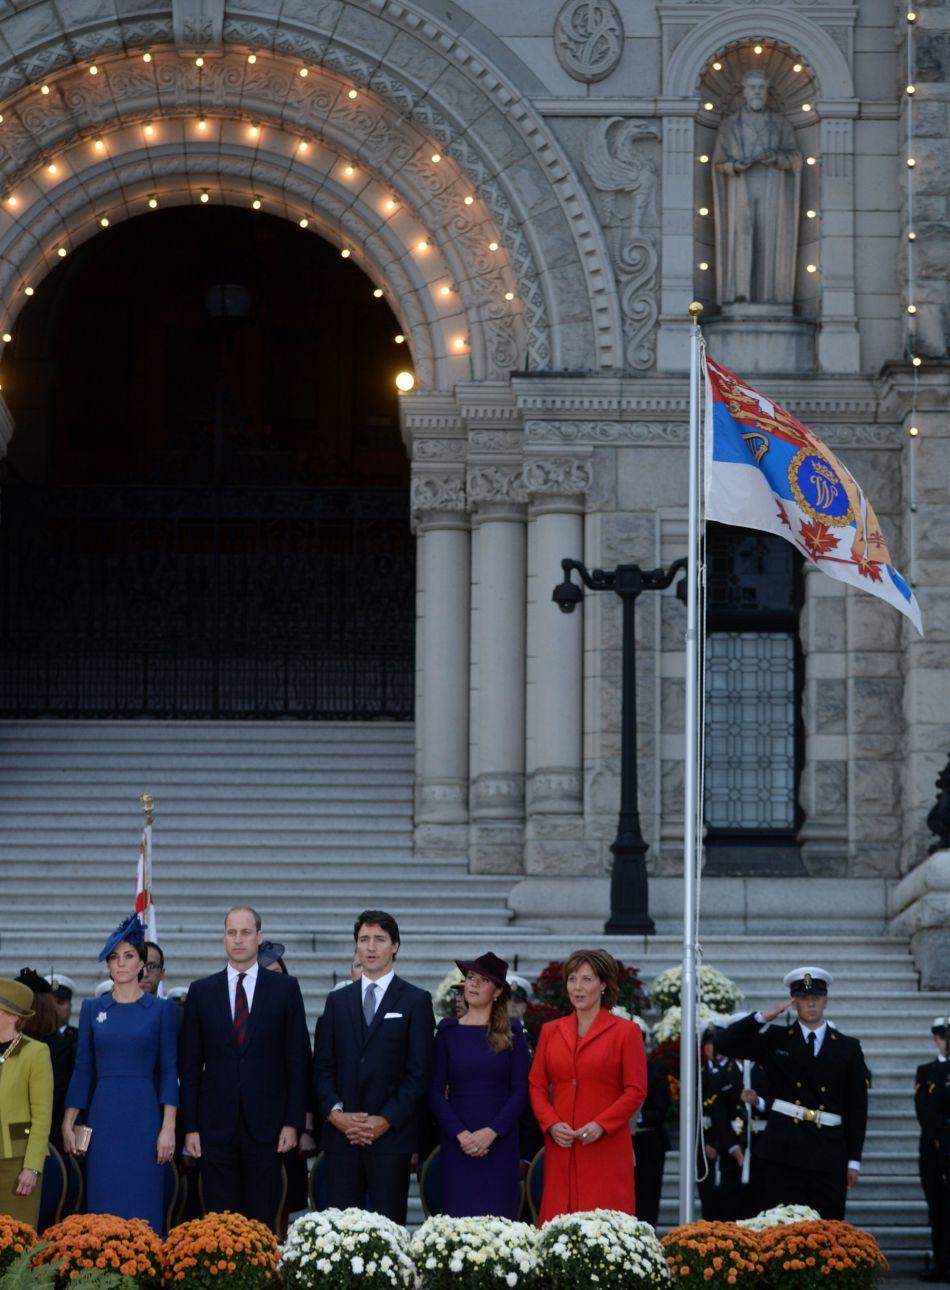 Le duc et la duchesse de Cambridge ont par la suite assisté à une cérémonie d'accueil officielle devant le Parlement de Colombie-Britannique.